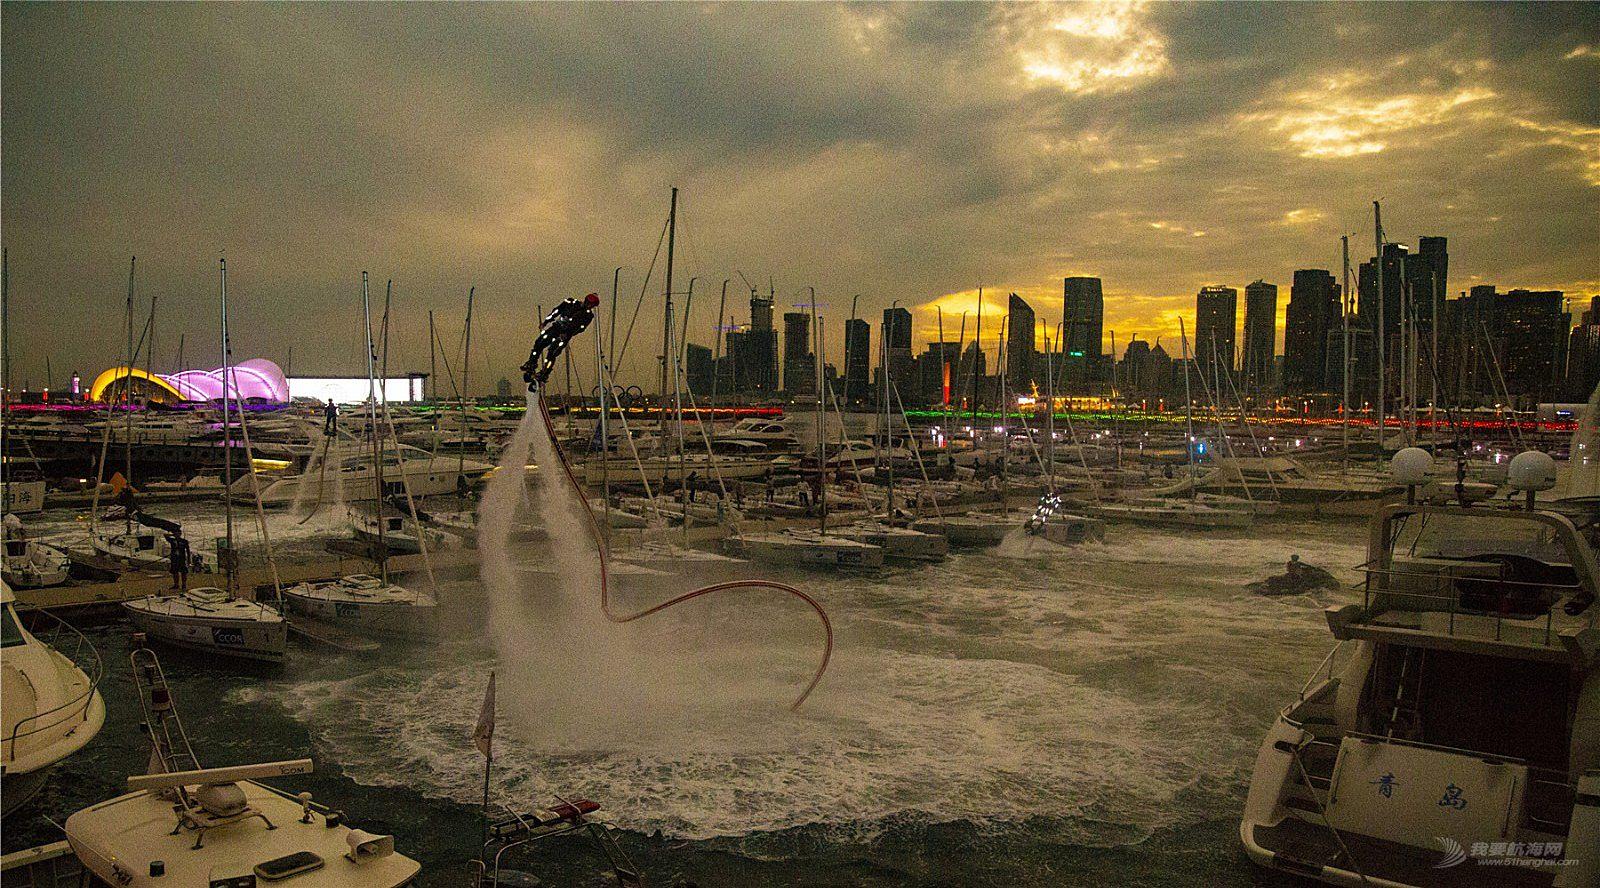 2018-ccoR国际帆船赛水上摩托艇表演精彩呈现。